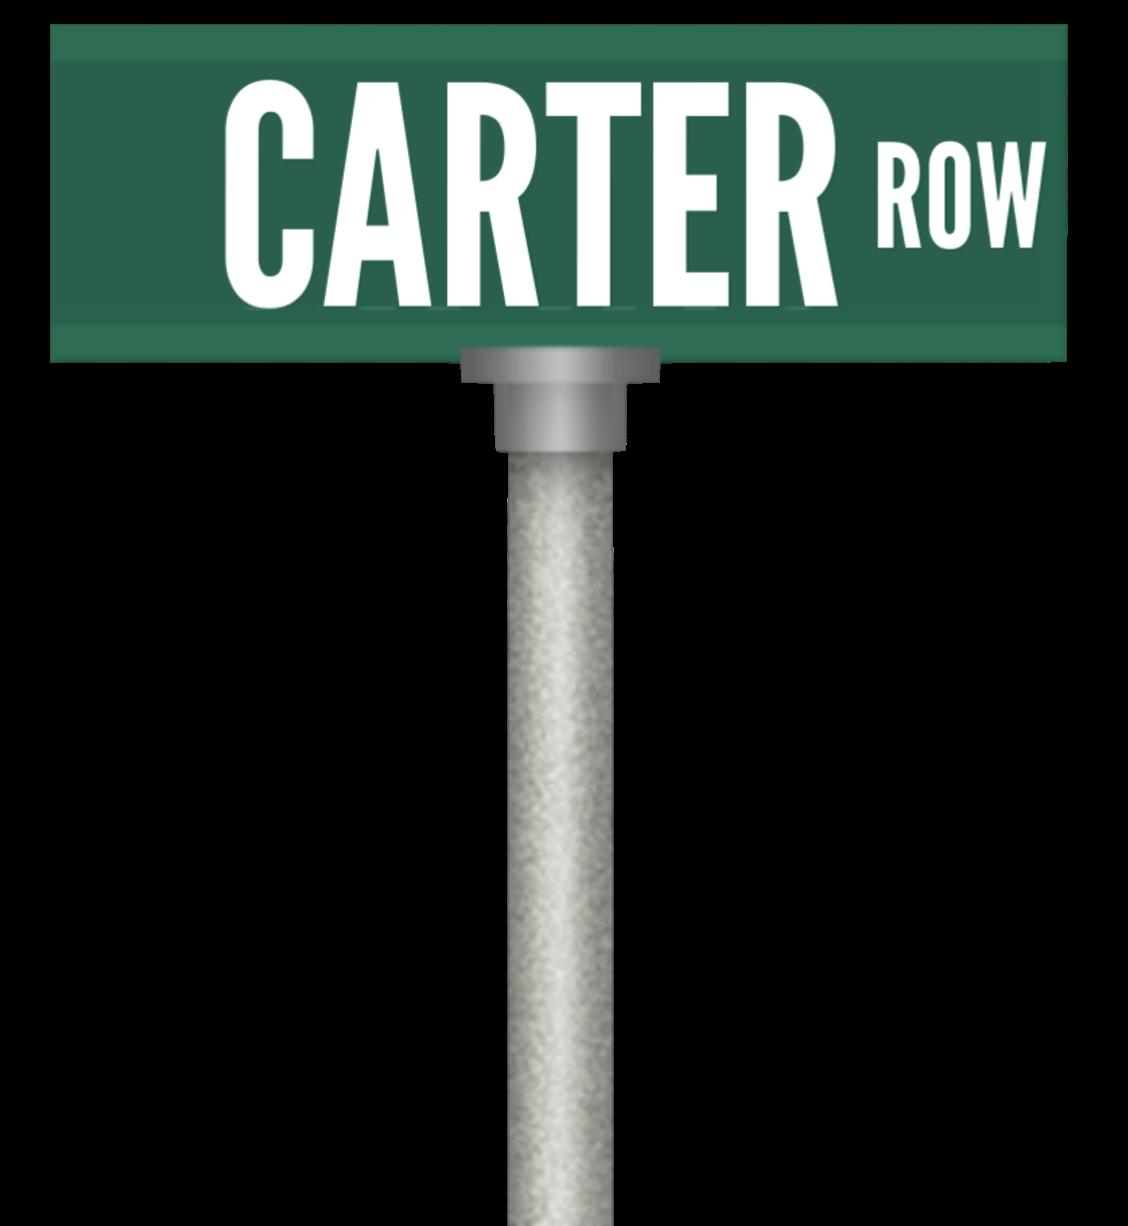 Carter Row